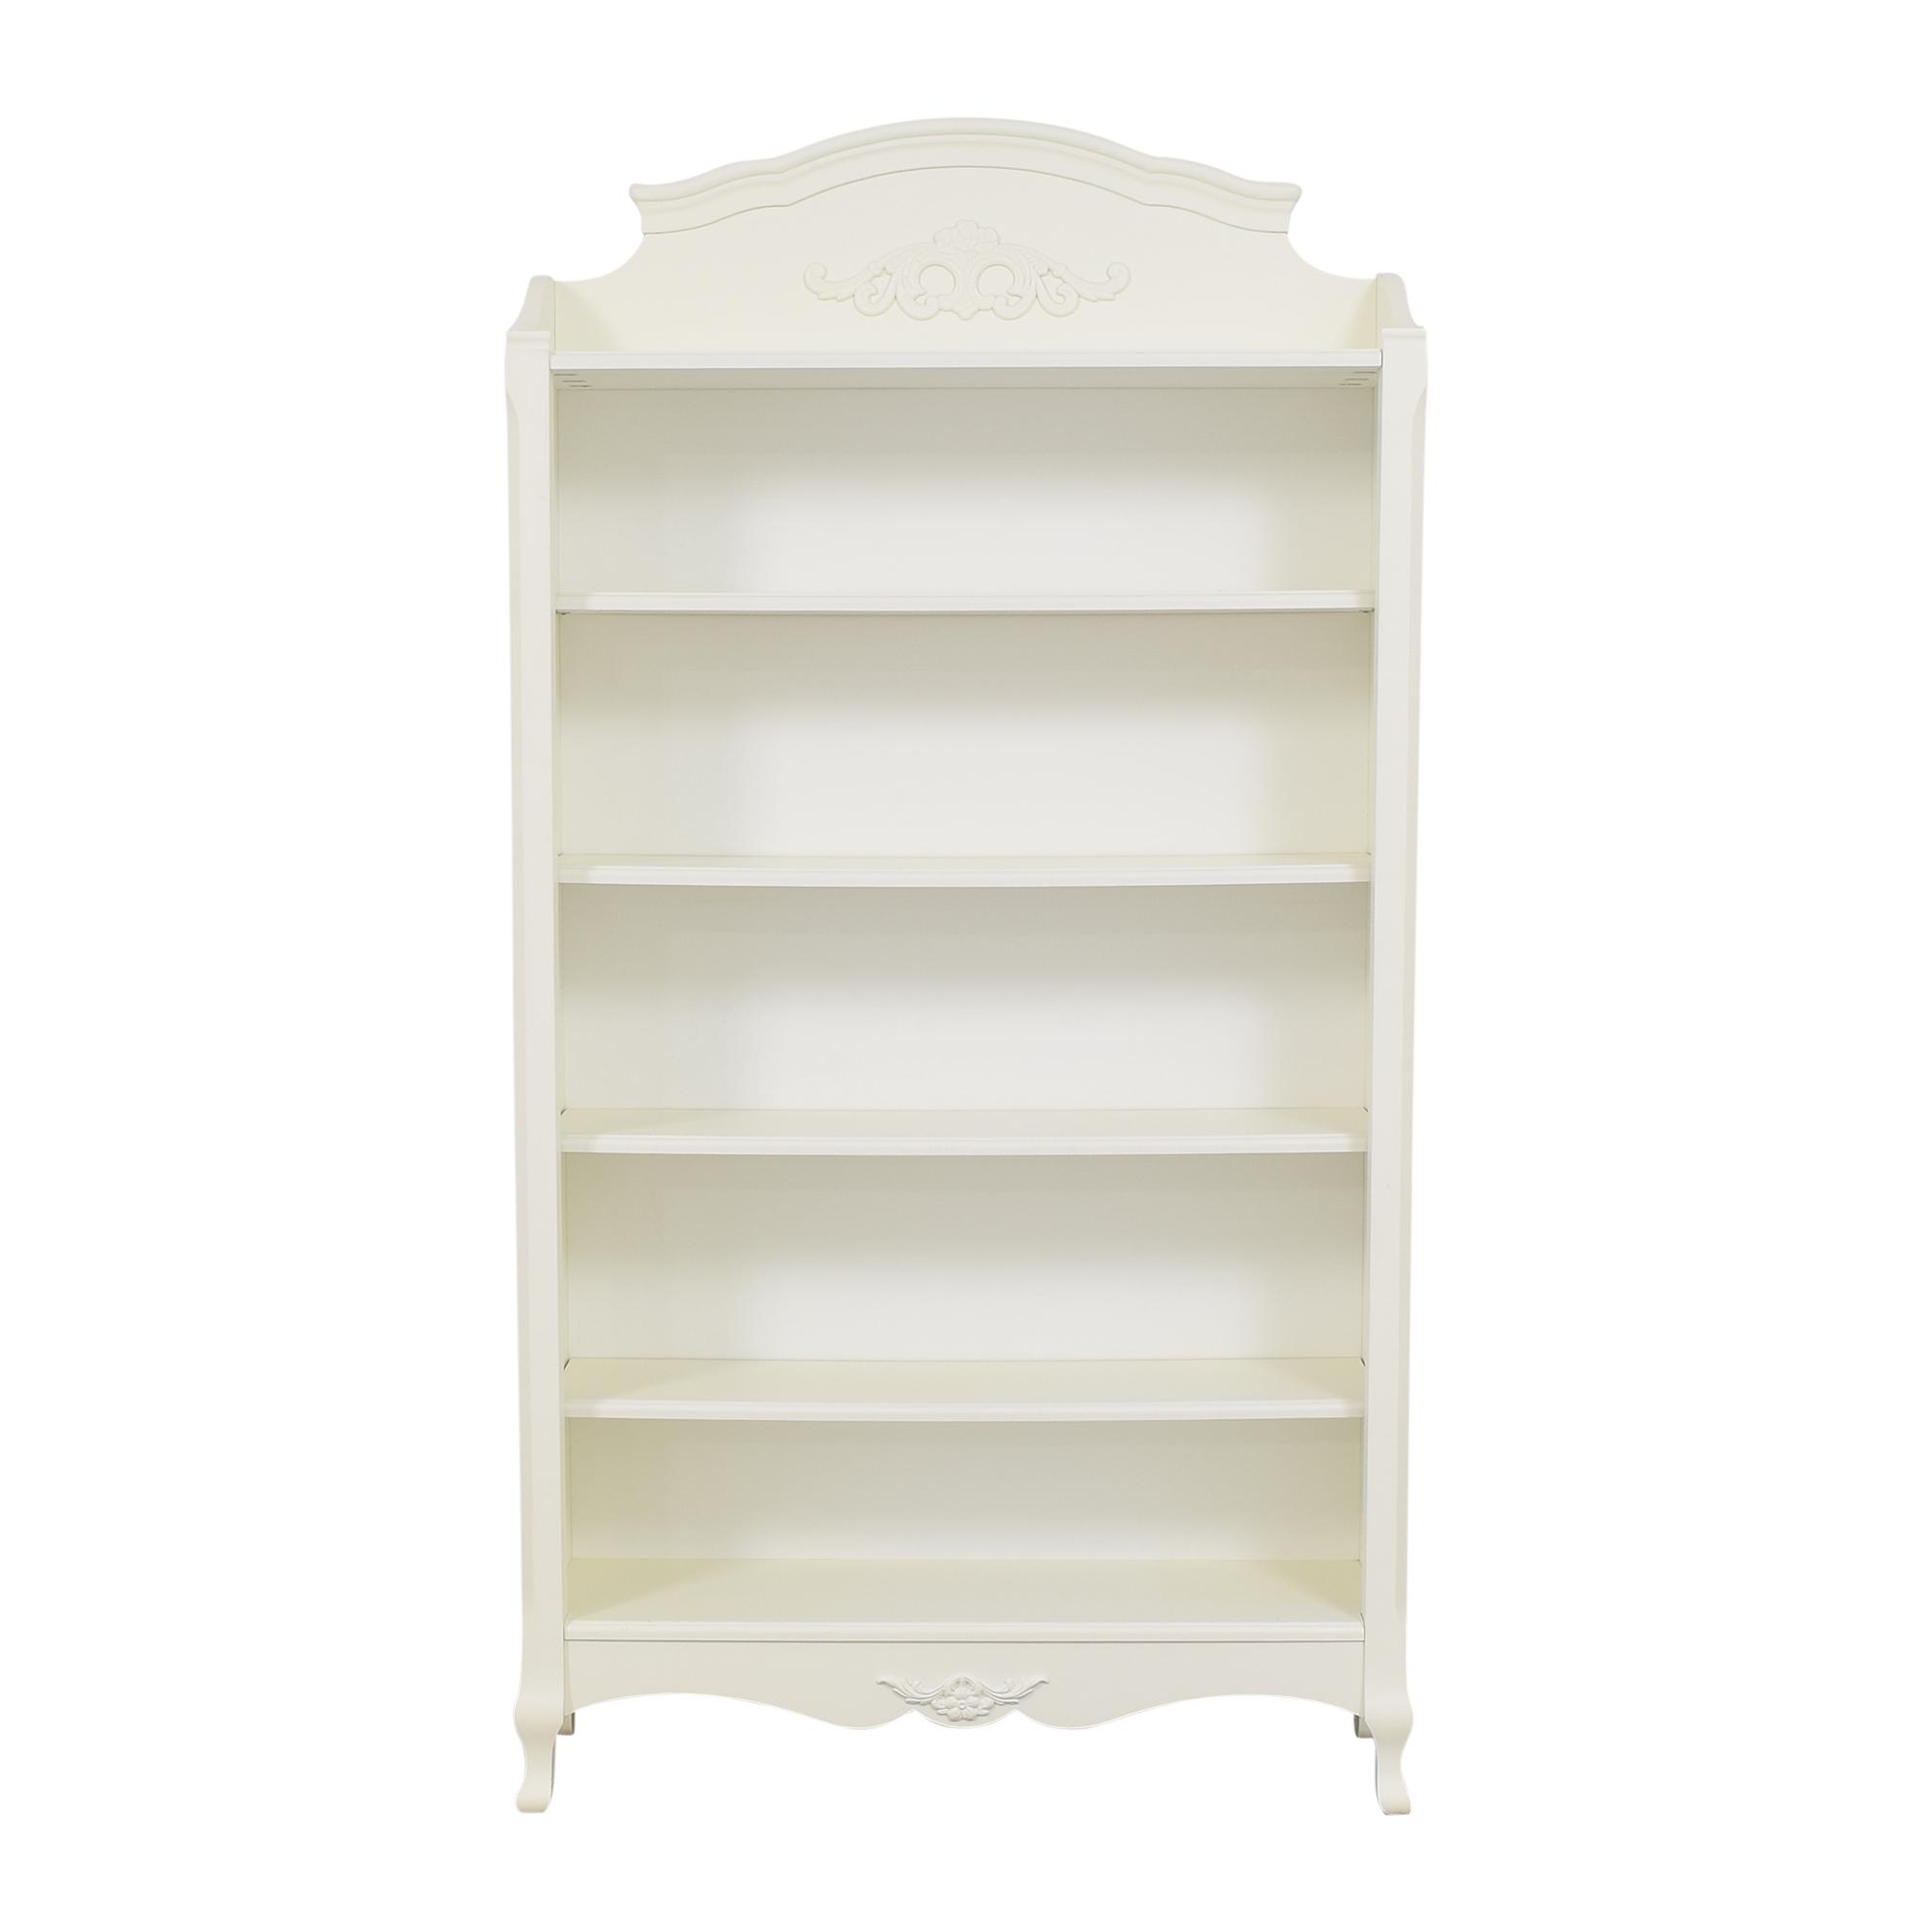 Natart Natart Tall Bookcase